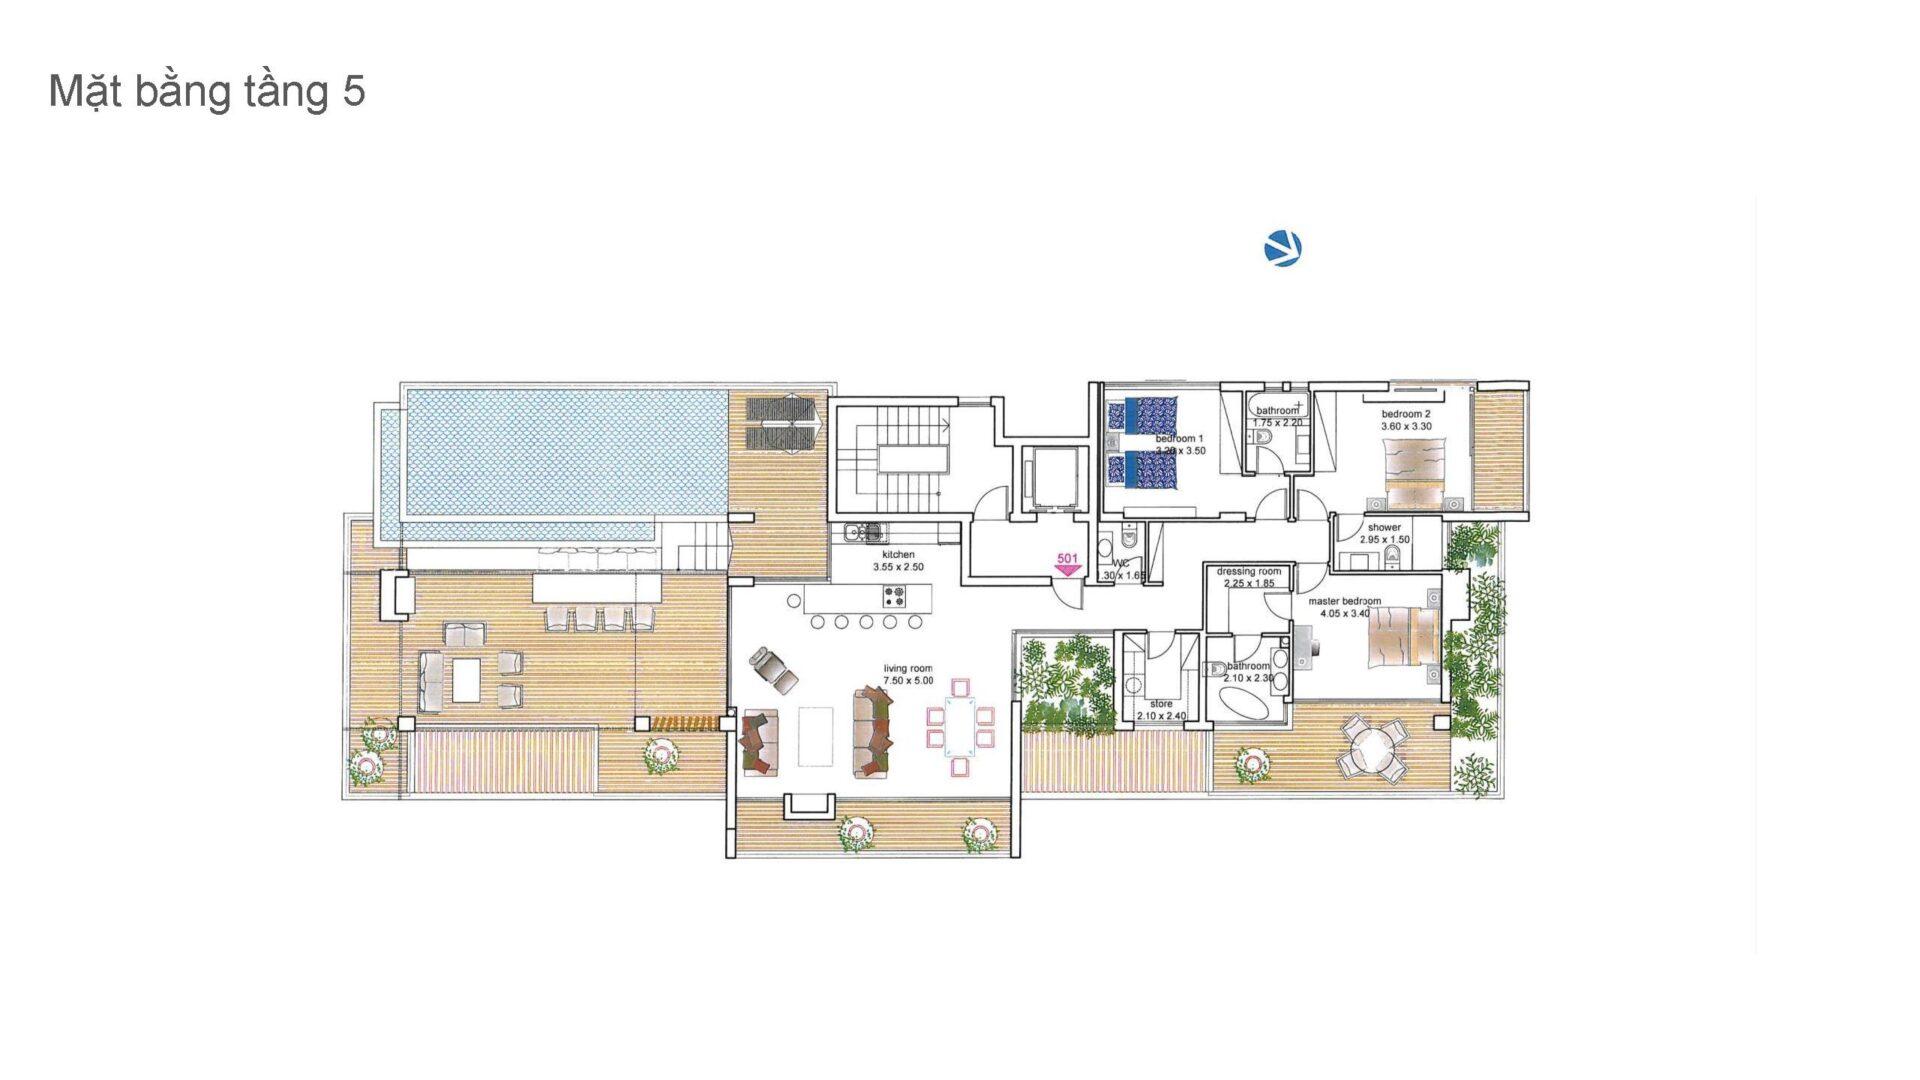 Amathos Residences Viet Page 37